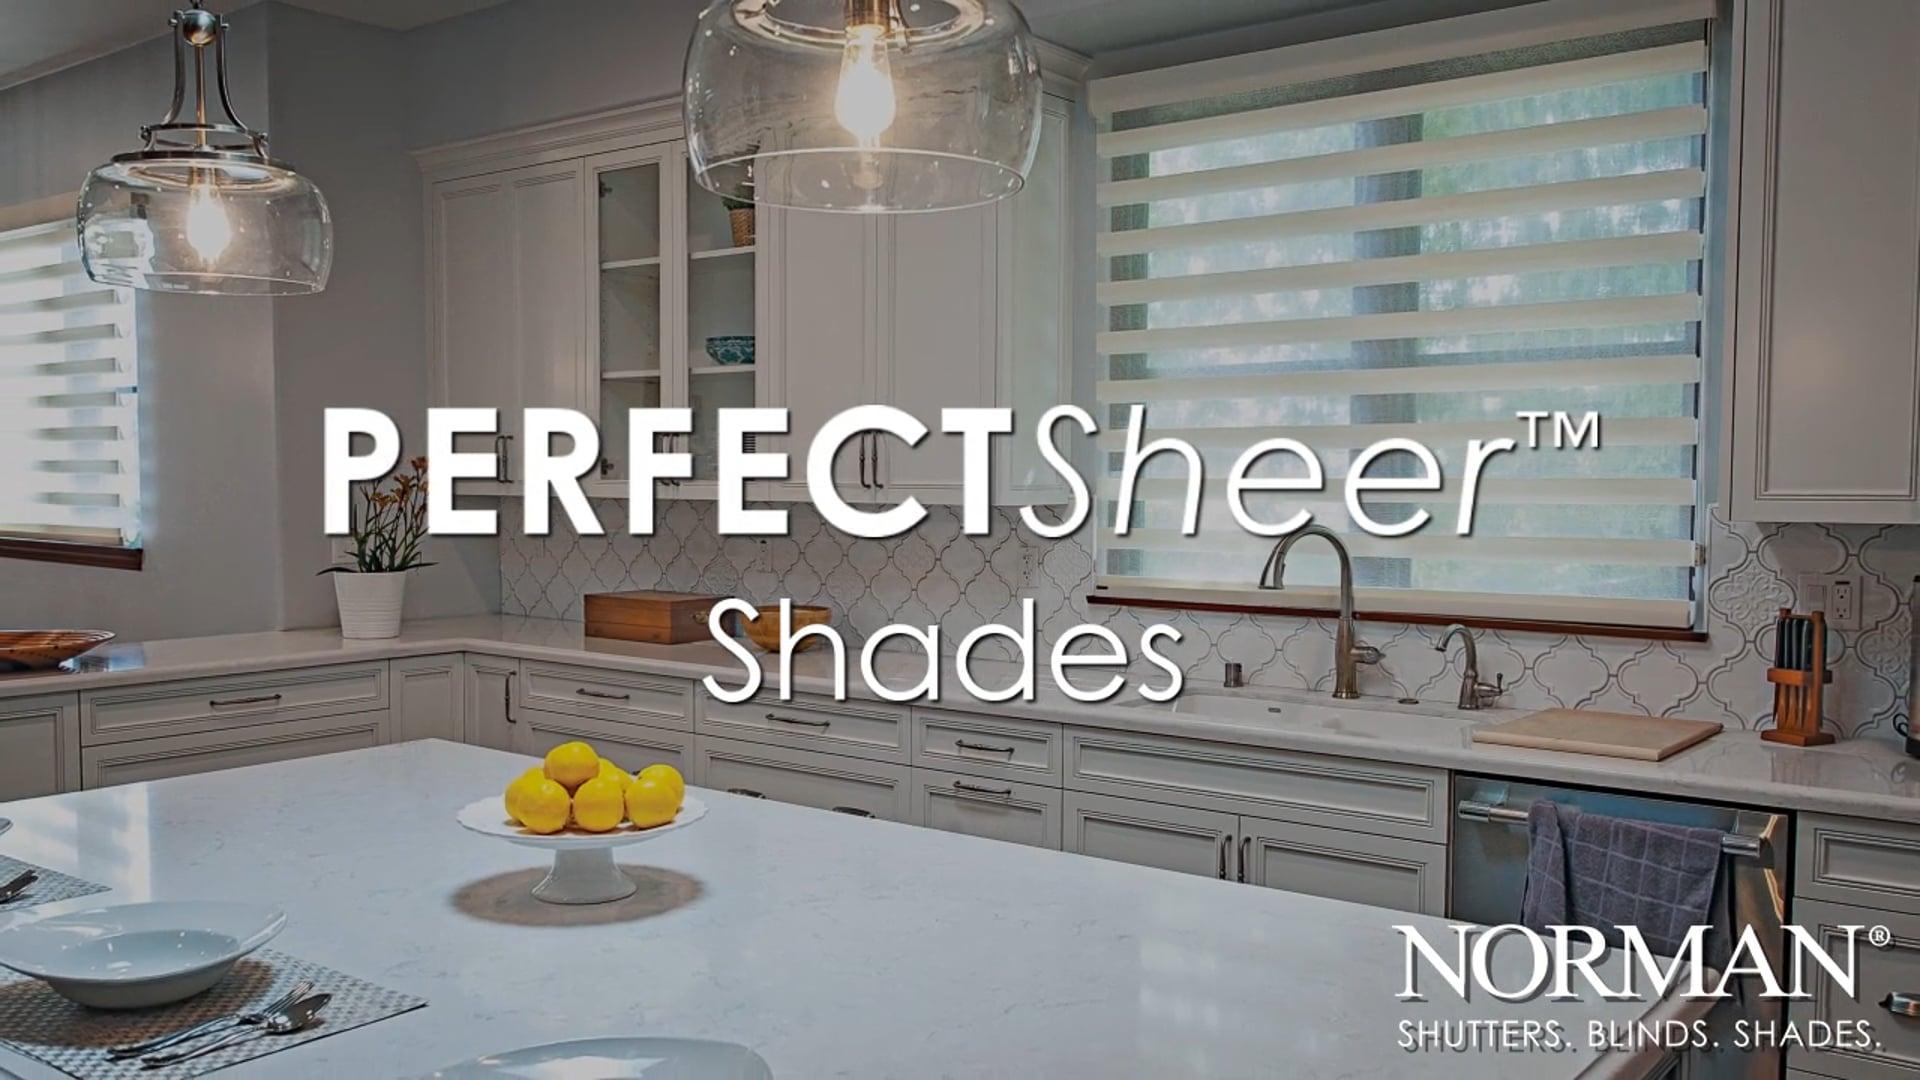 PerfectSheer™ Shades